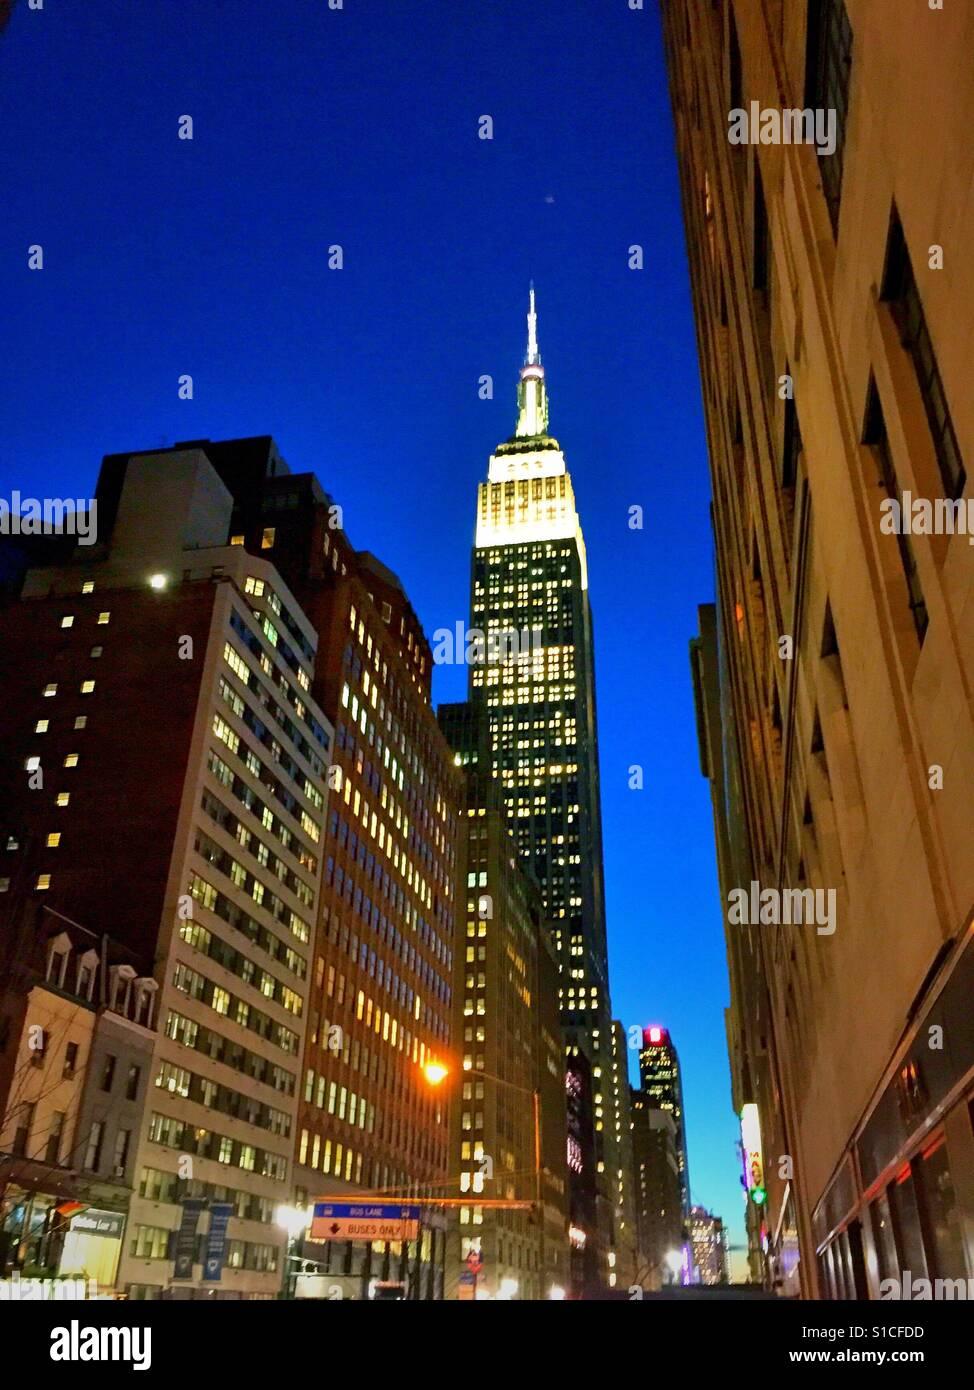 L'Empire State Building illuminato in bianco luci al crepuscolo, NYC, STATI UNITI D'AMERICA Immagini Stock